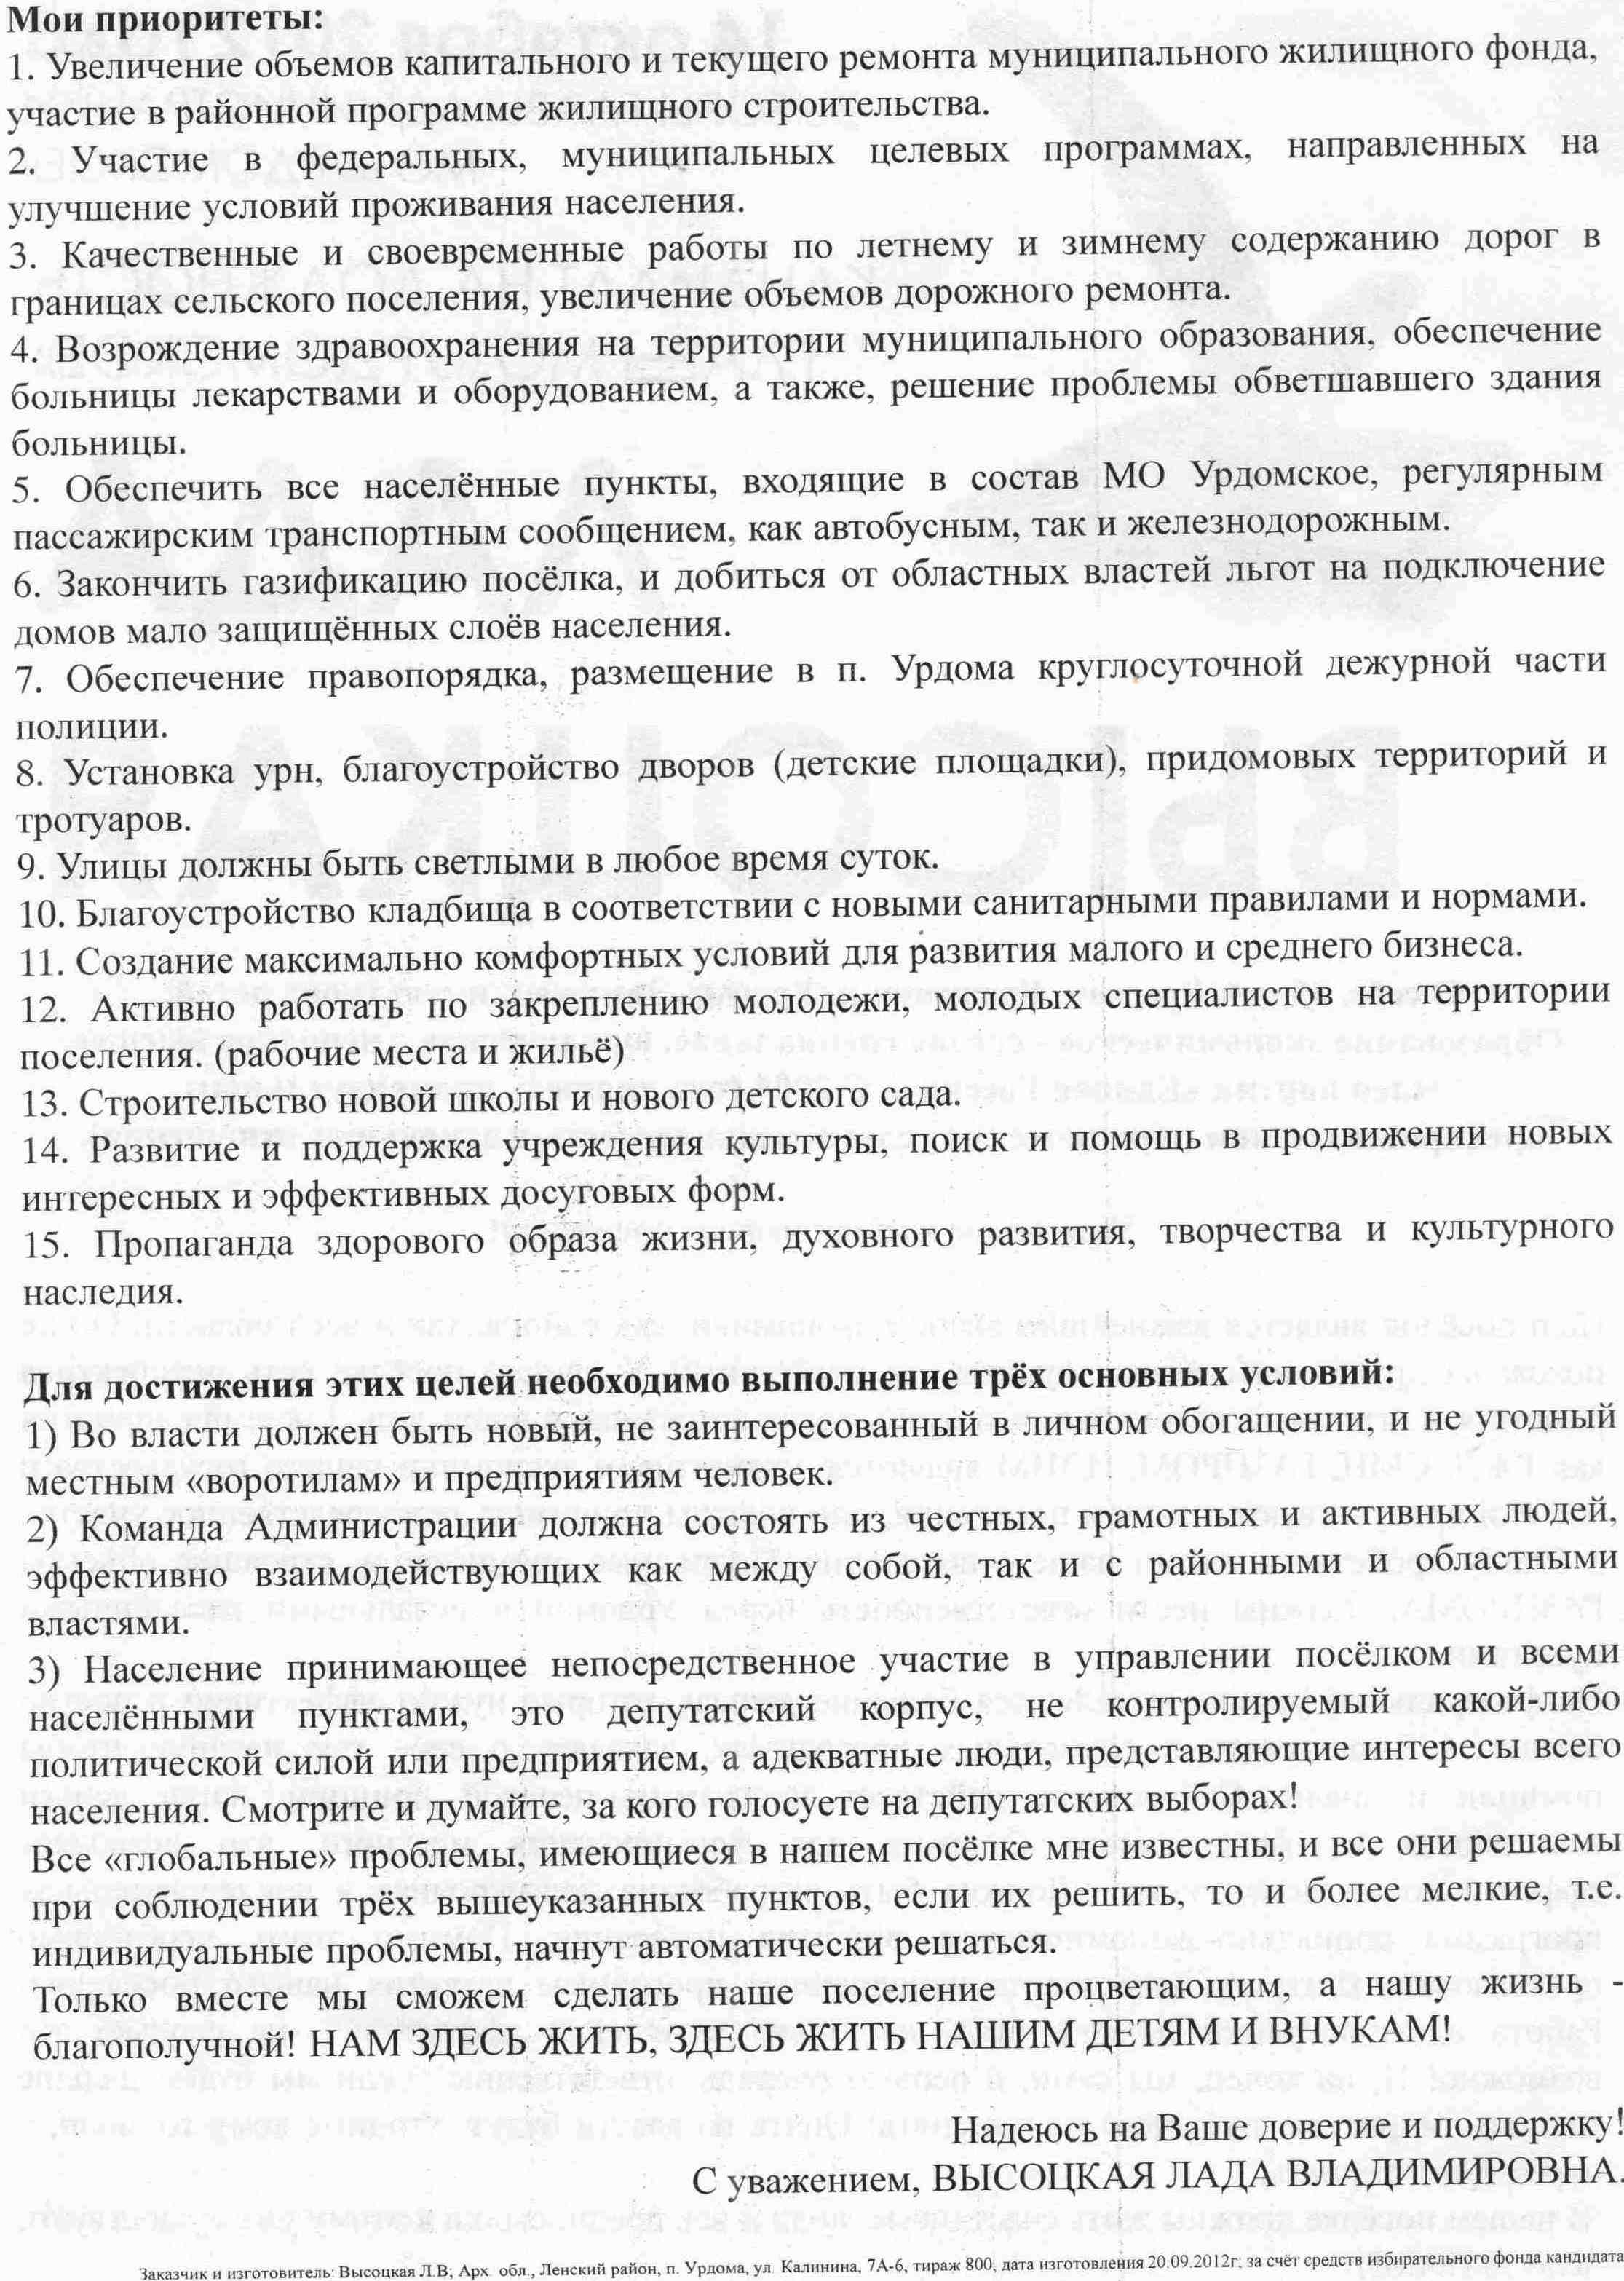 Высоцкая ЛВ, кандидат (3)